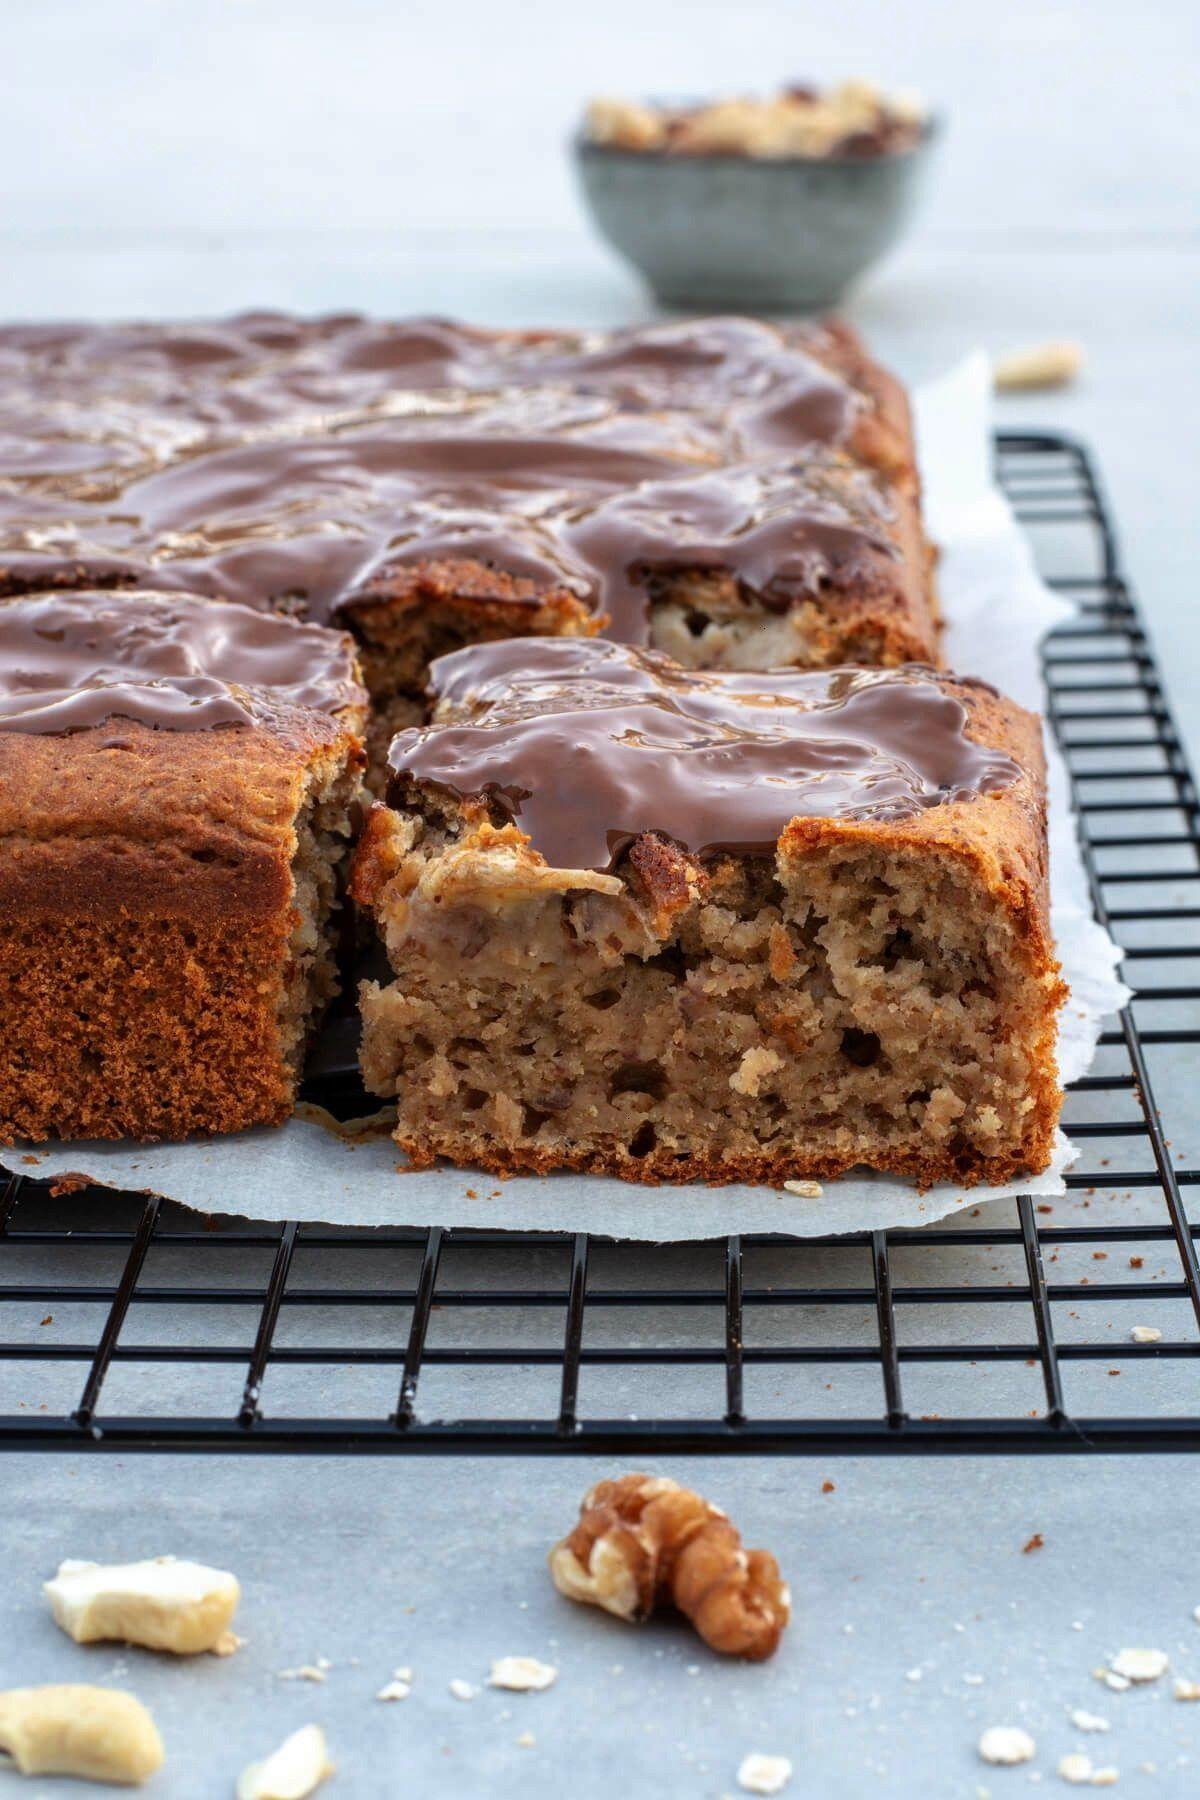 banana cake without sugar - Baking Barbarine -  Juicy banana cake without sugar – Baking Barbarin